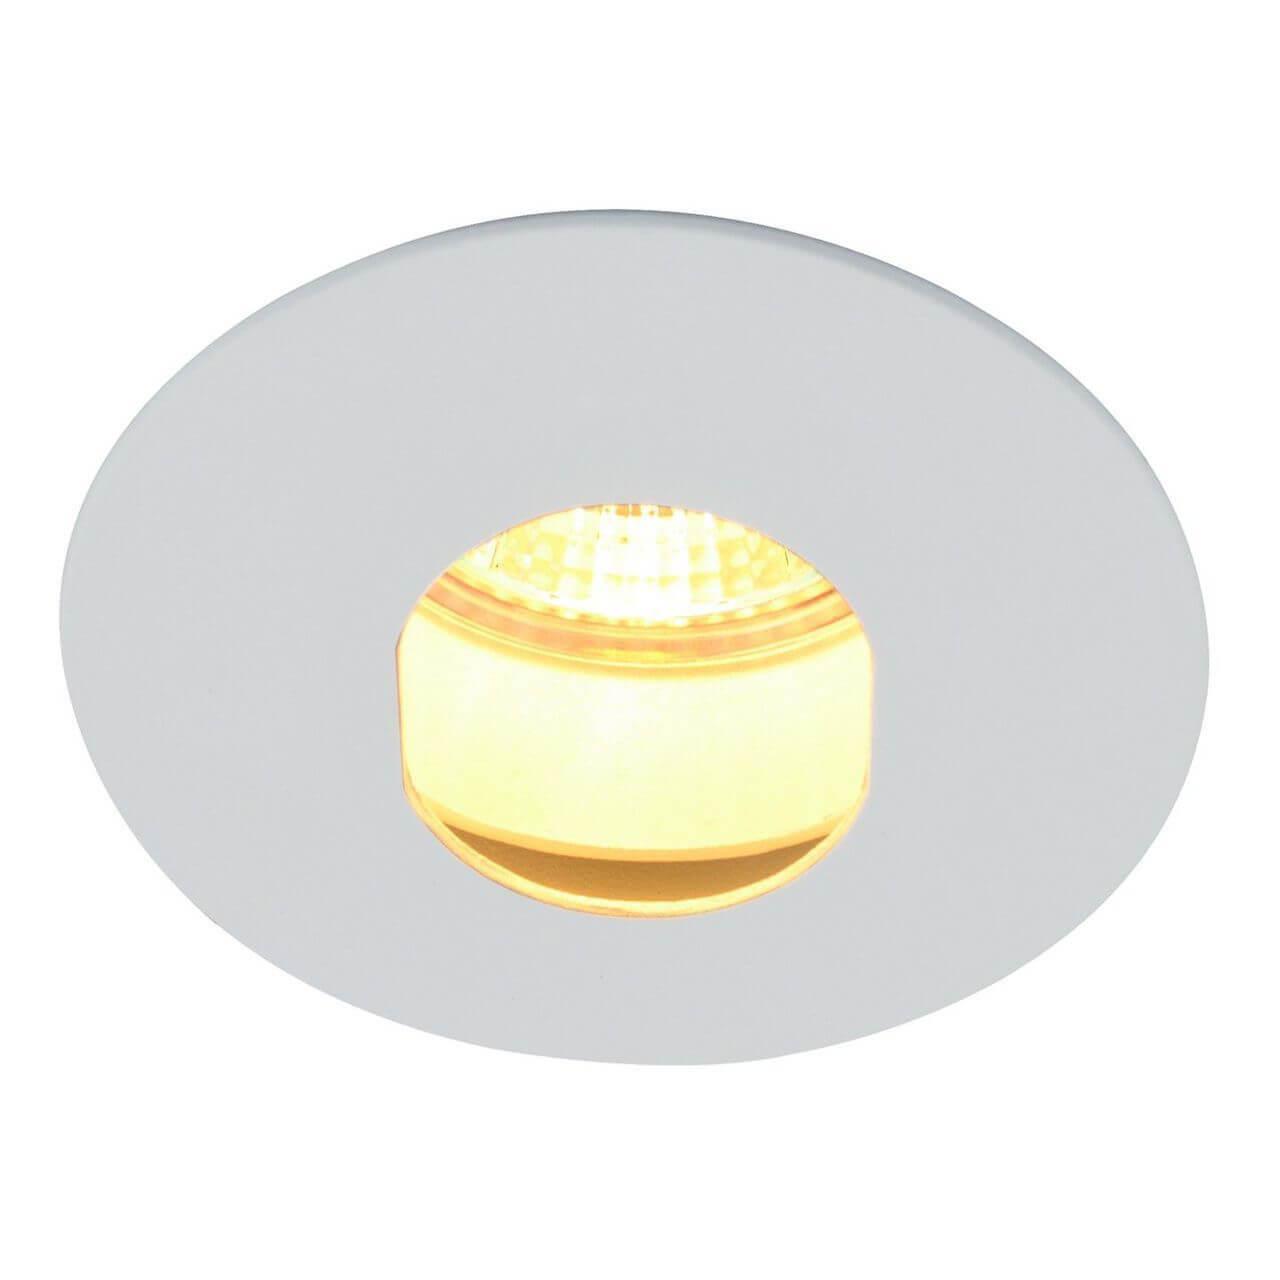 Светильник потолочный Artelamp A3219PL-1WH светильник потолочный artelamp a2321pl 1wh